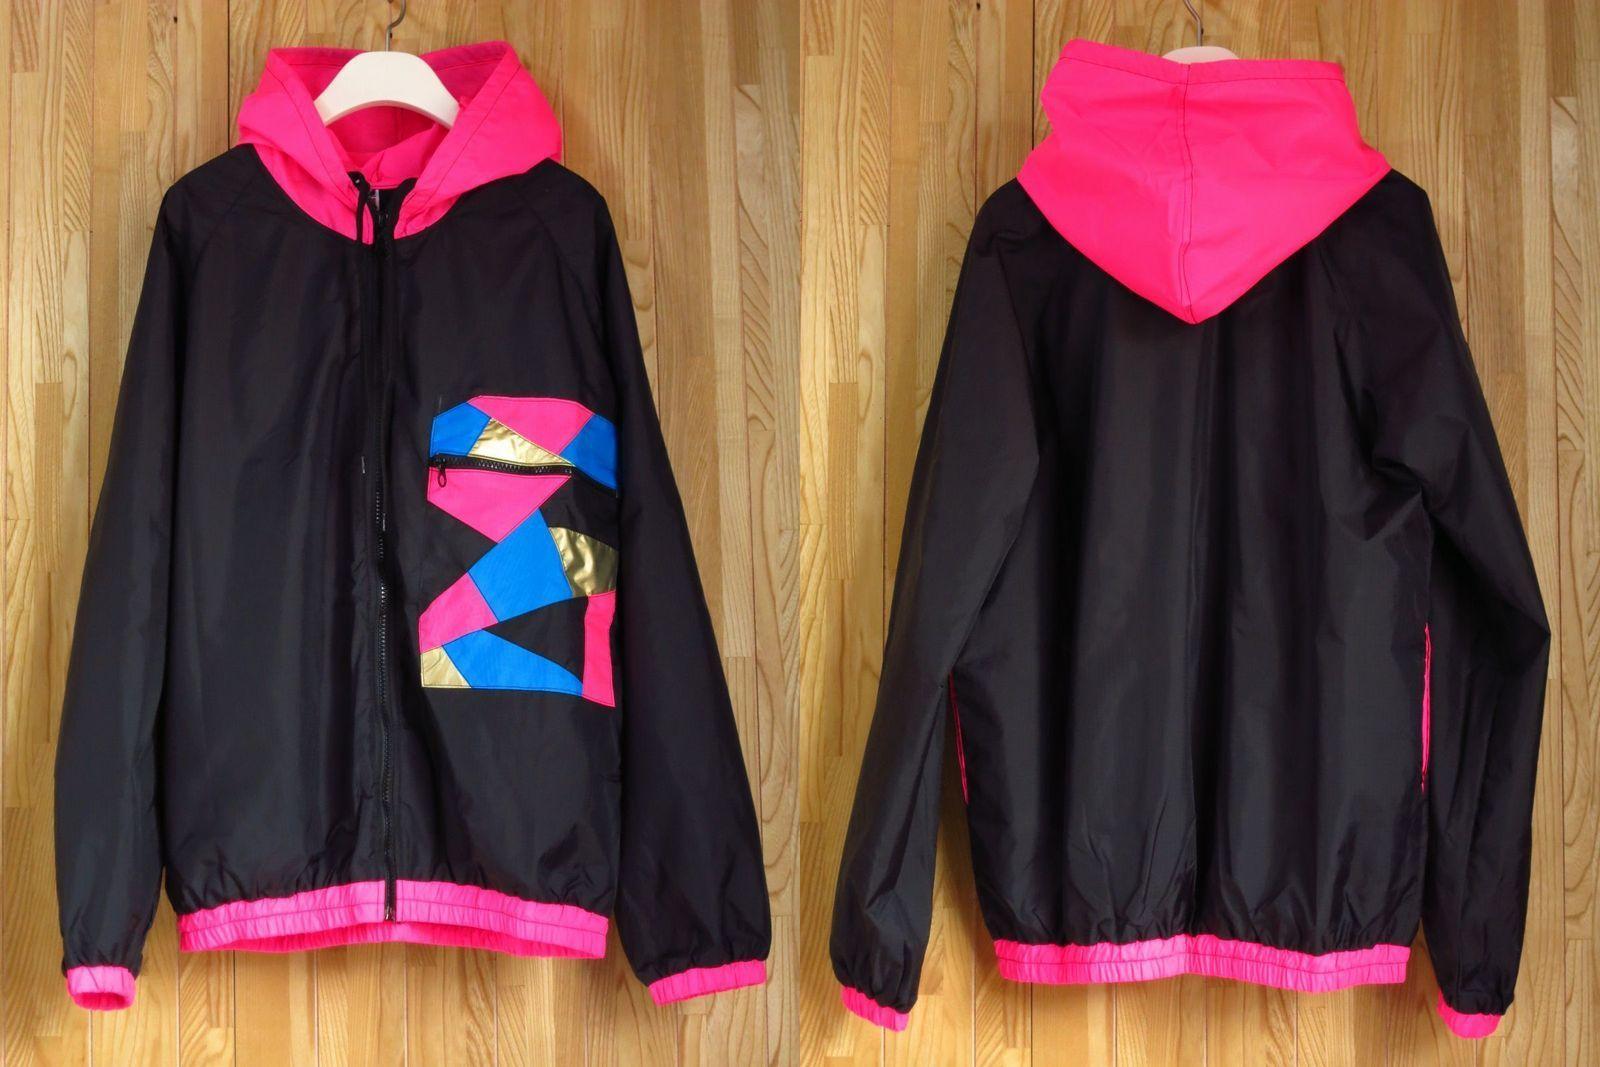 カラフルナイロンパーカー S M L 黒ピンク/ダンス衣装 ダンサーダンス ウインドブレーカー蛍光色